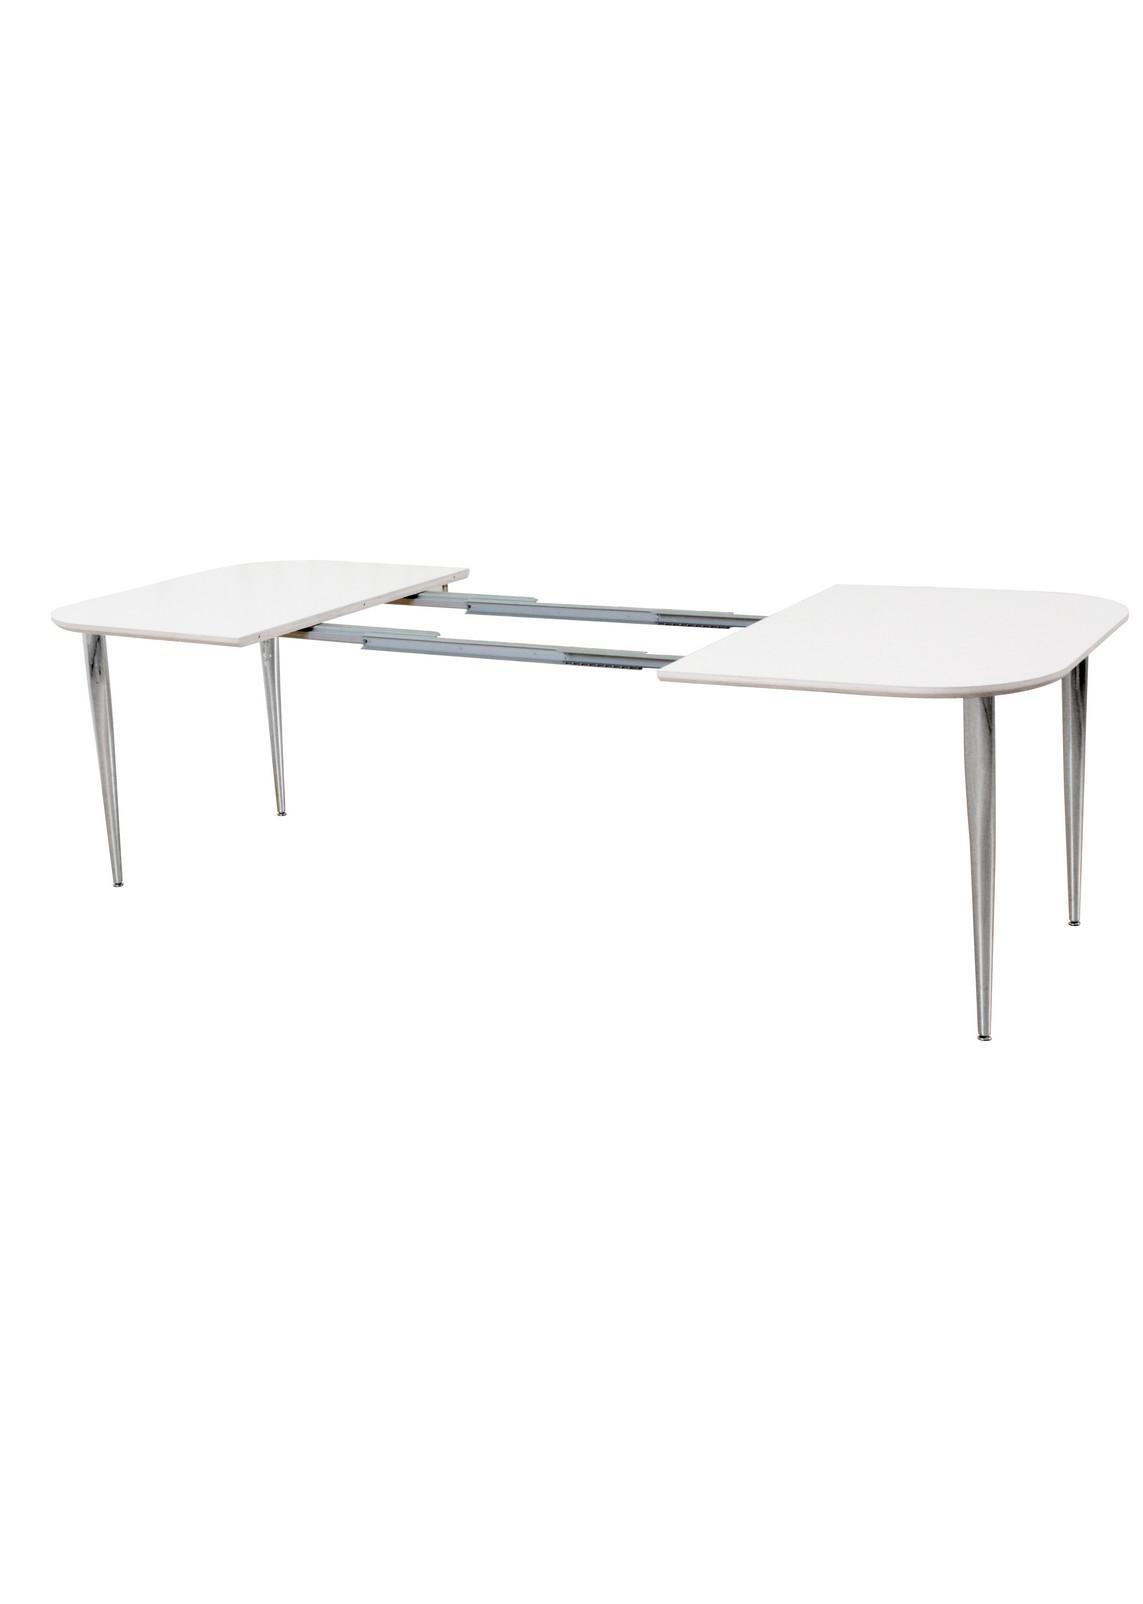 Udtrækrsbord - flere muligheder